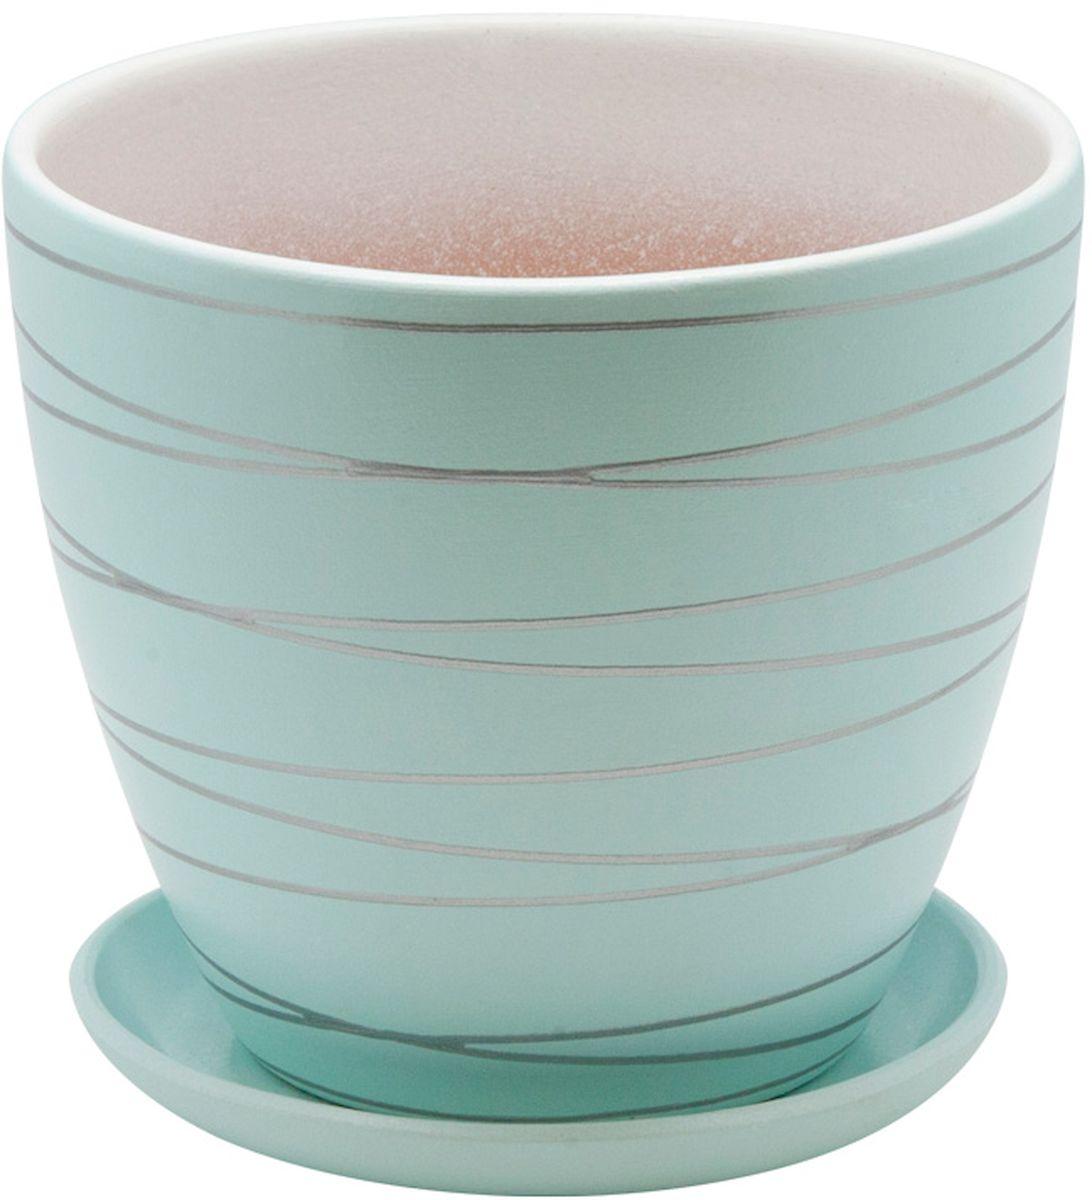 Горшок цветочный Engard, с поддоном, цвет: голубой, 4,7 лBH-24-3Керамический горшок Engard - это идеальное решение для выращивания комнатных растений и создания изысканности в интерьере. Керамический горшок сделан из высококачественной глины в классической форме и оригинальном дизайне.Объем: 4,7 л.